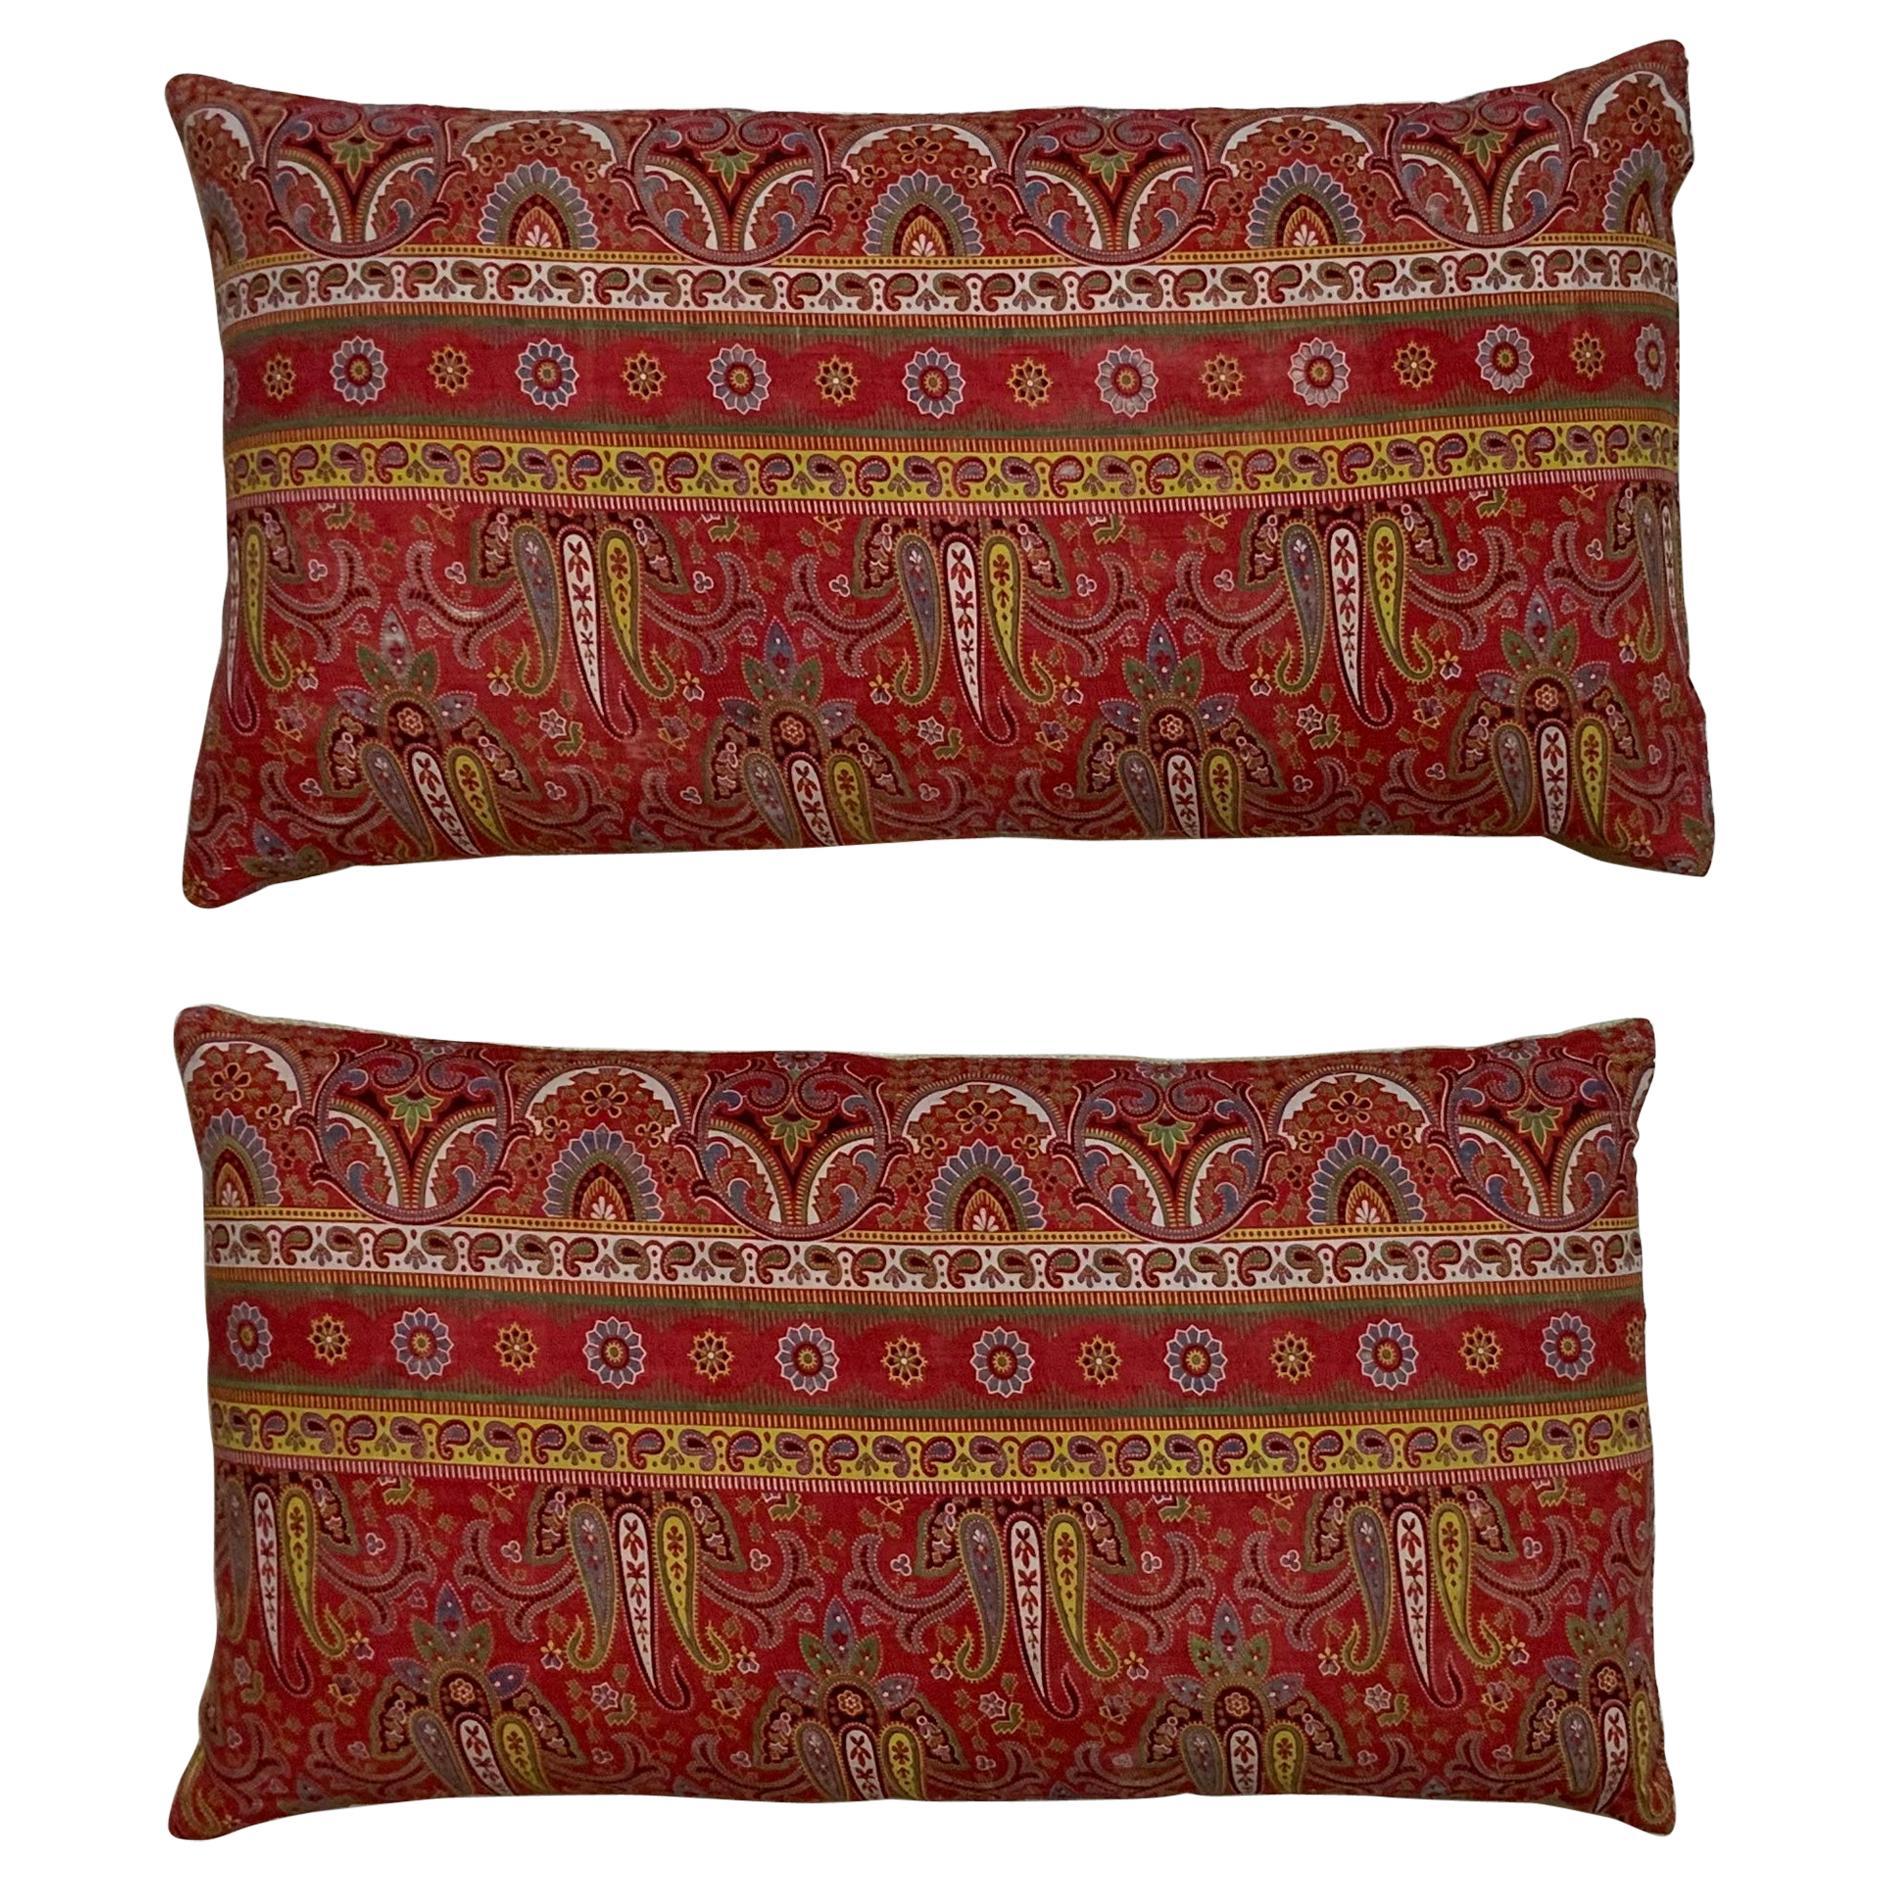 Pair of Antique Print Textile Pillow